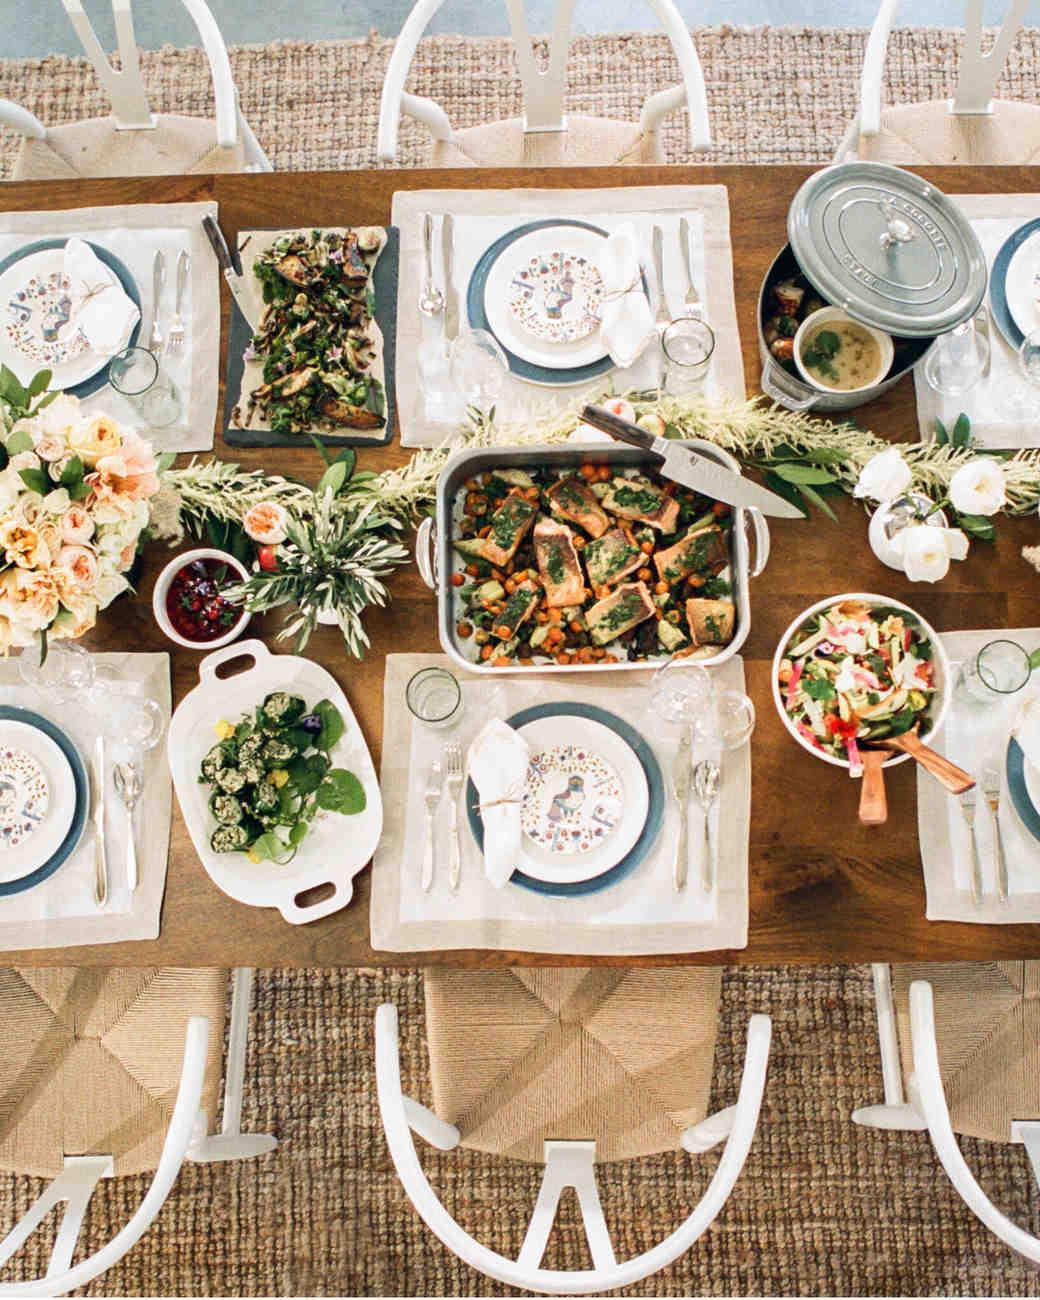 thanksgiving-0019-mollysims-zola-braedonflynn-1114.jpg